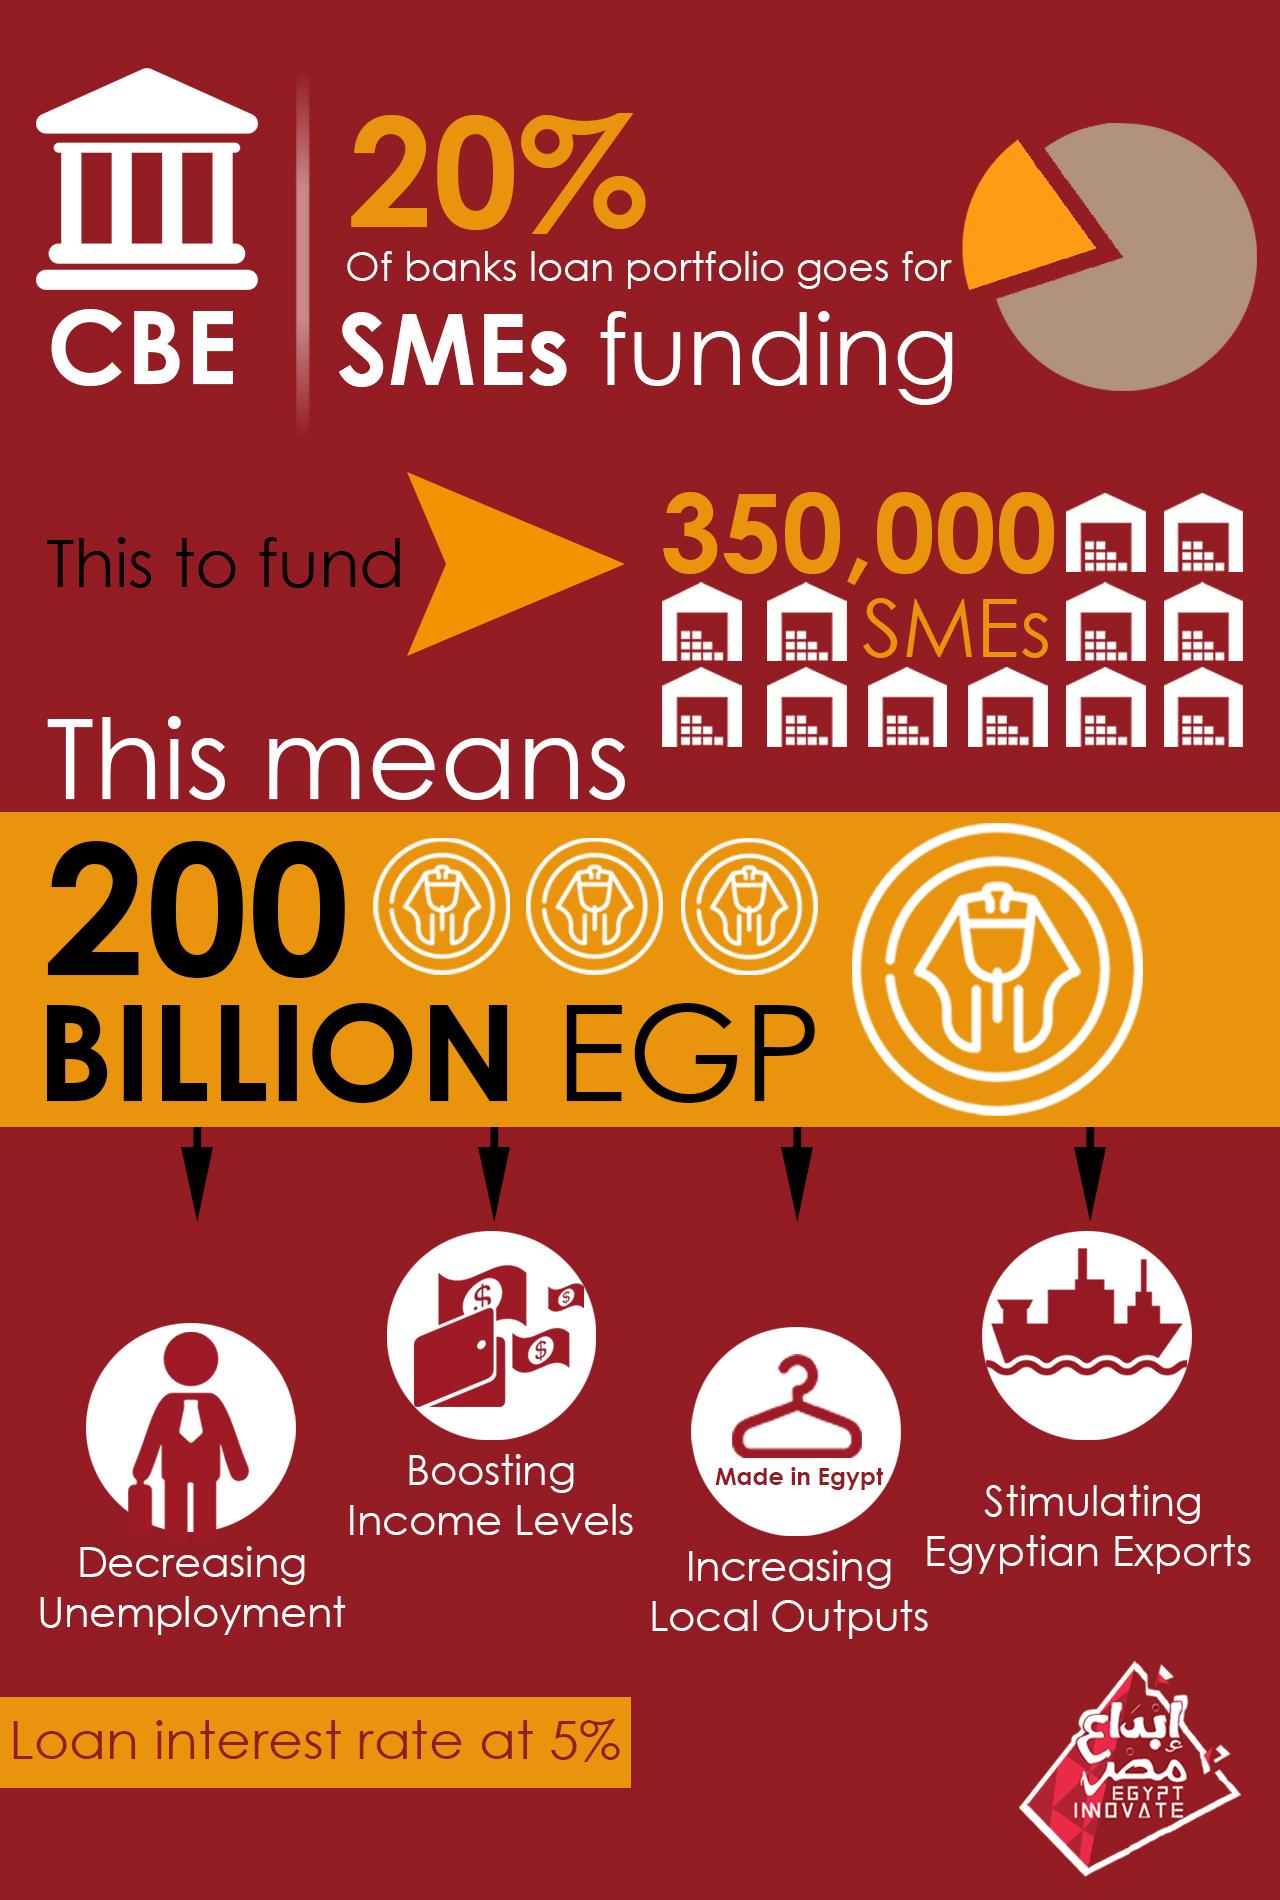 البنك المركزي المصري يطلق برنامج لتمويل المشاريع الصغيرة إلى المتوسطة ب٢٠٠ مليار جنيه